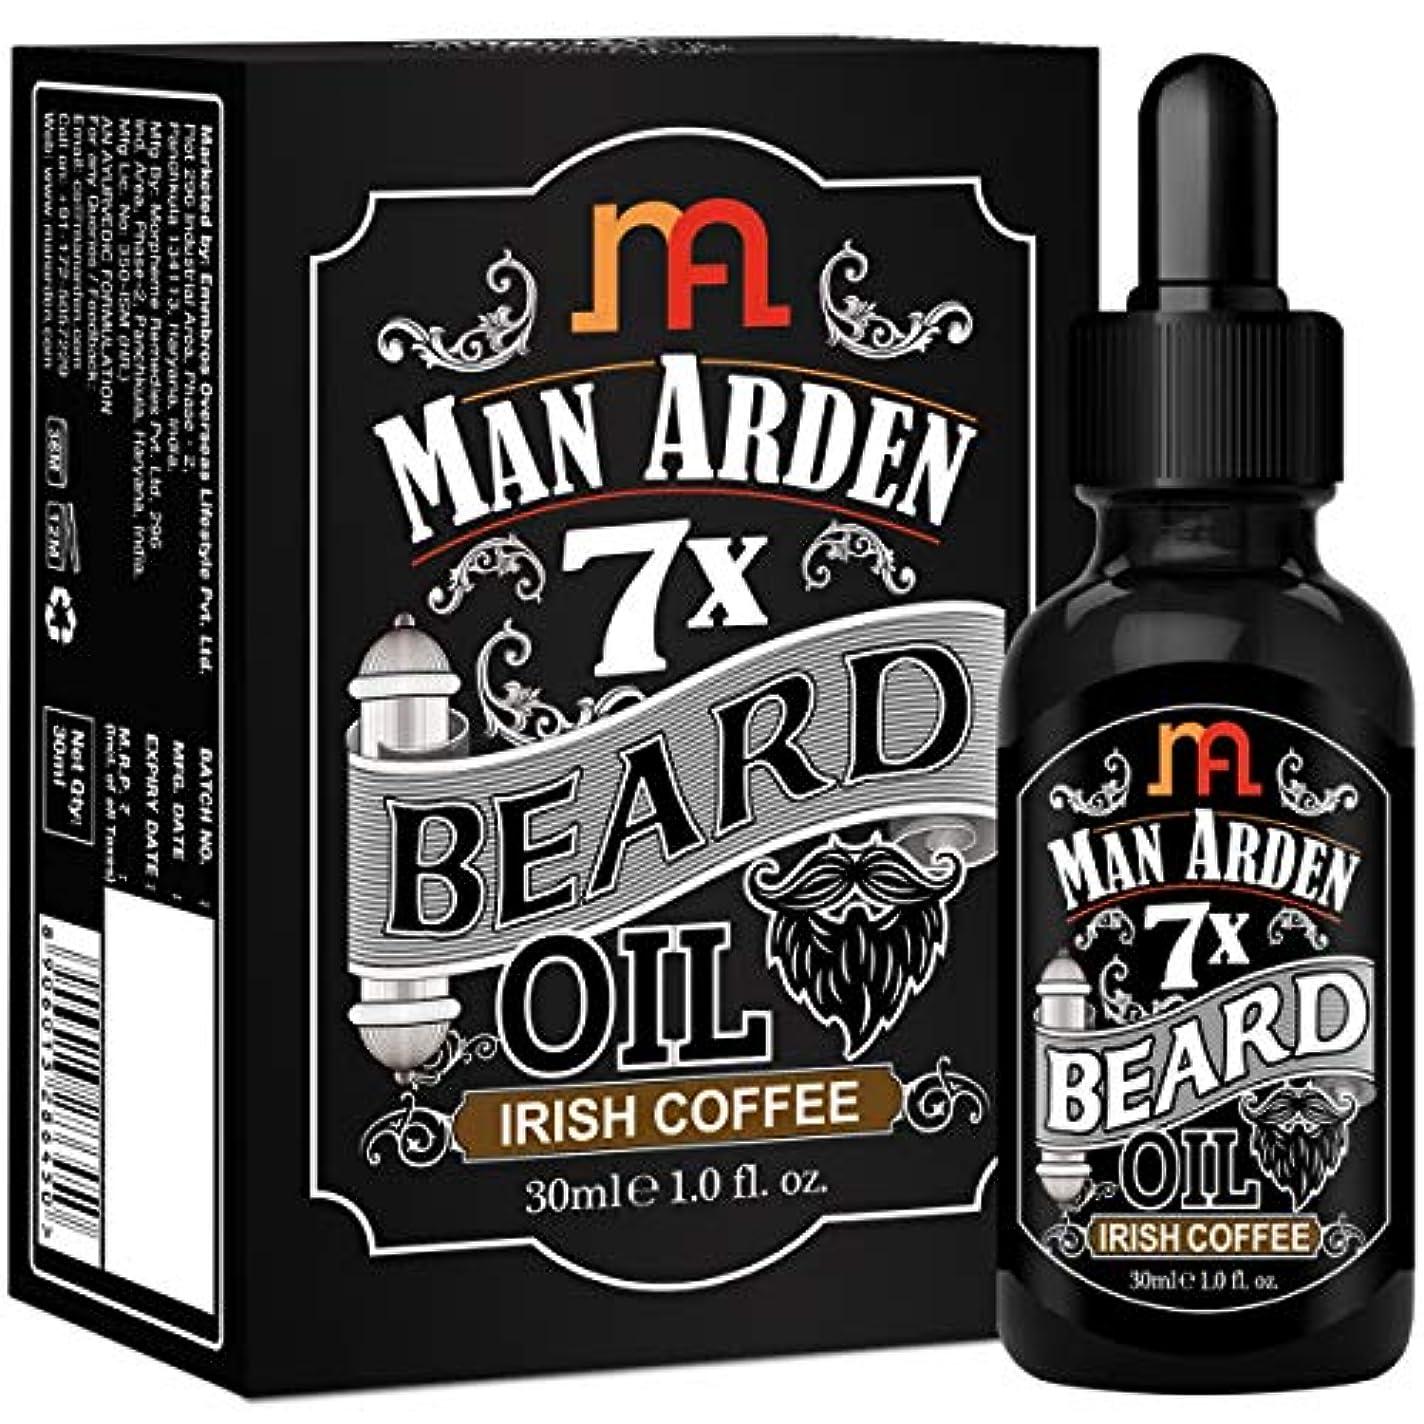 鈍い険しい決定するMan Arden 7X Beard Oil 30ml (Irish Coffee) - 7 Premium Oils For Beard Growth & Nourishment